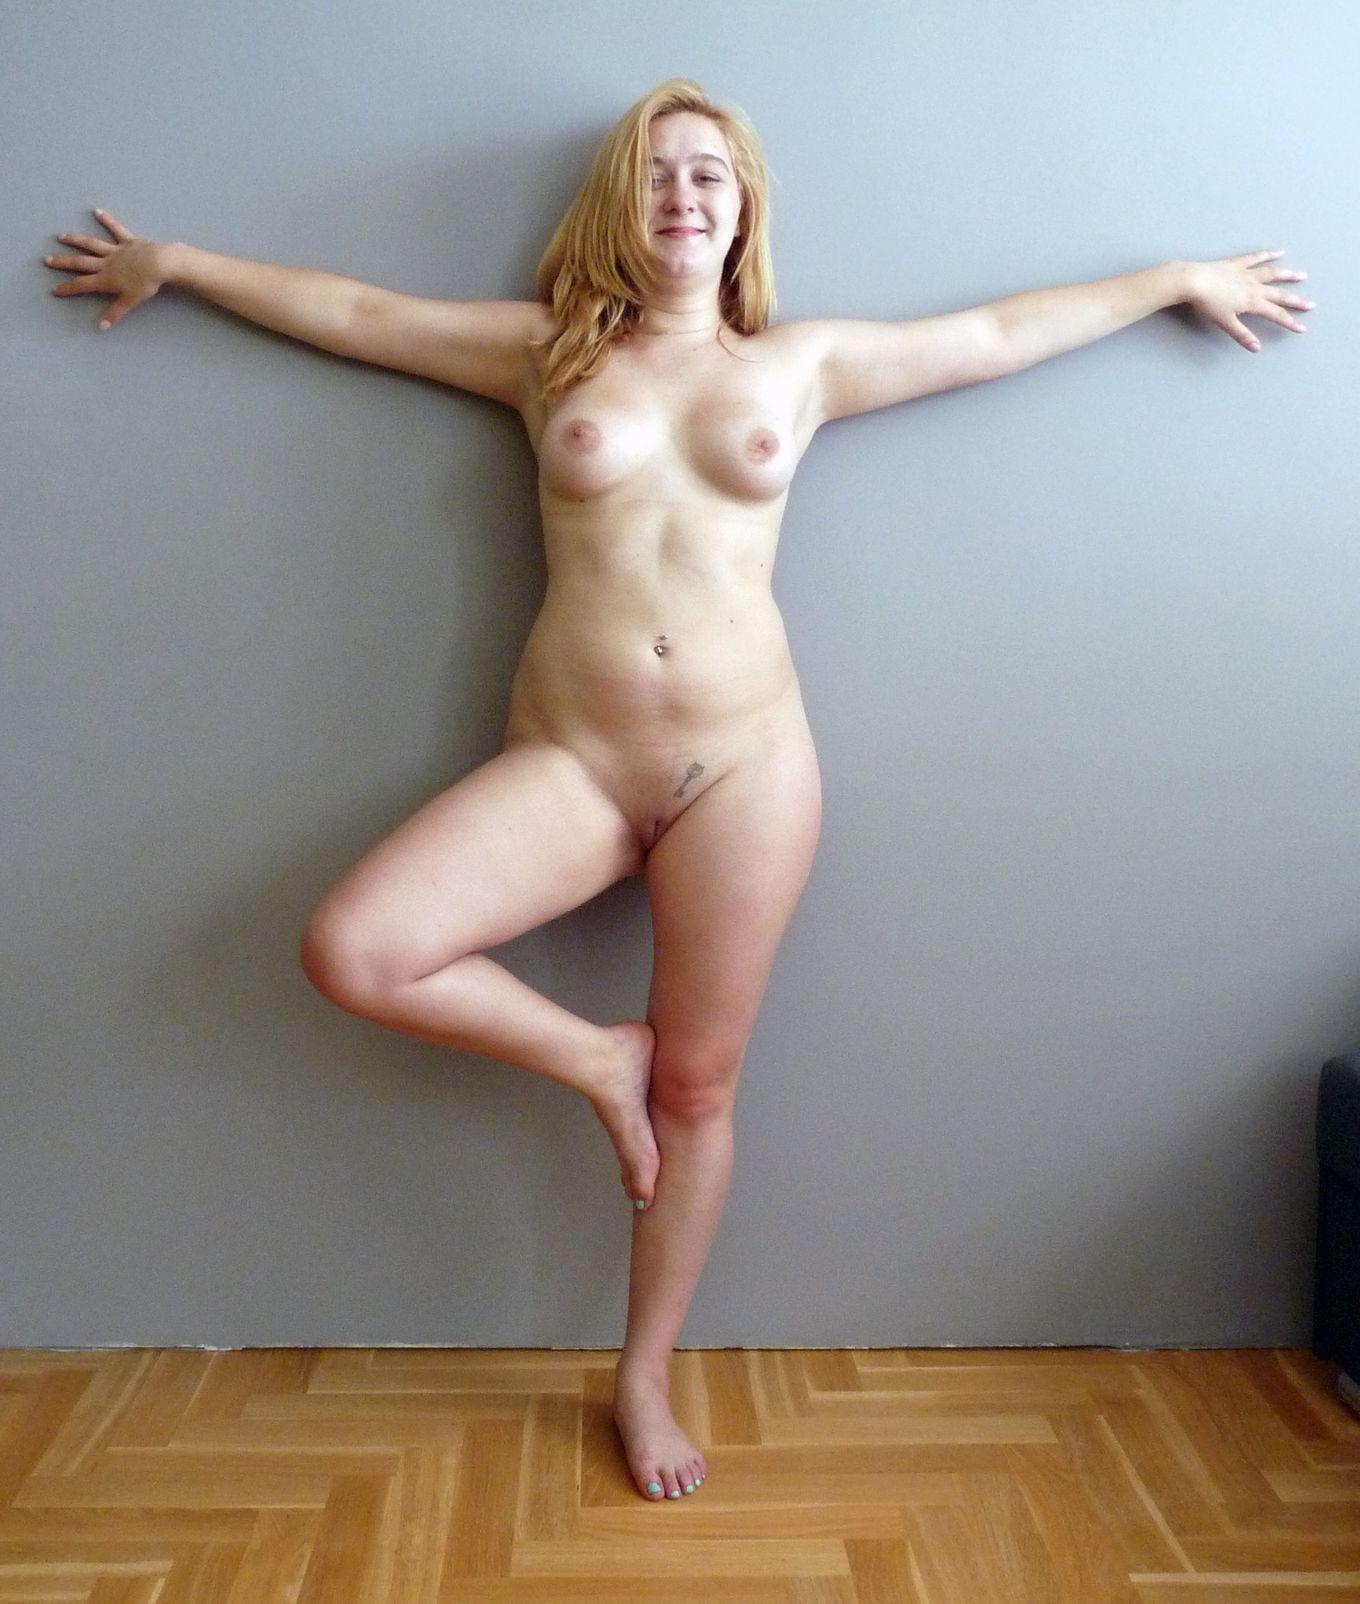 Полячка Джустина в первый раз фотографируется обнаженной